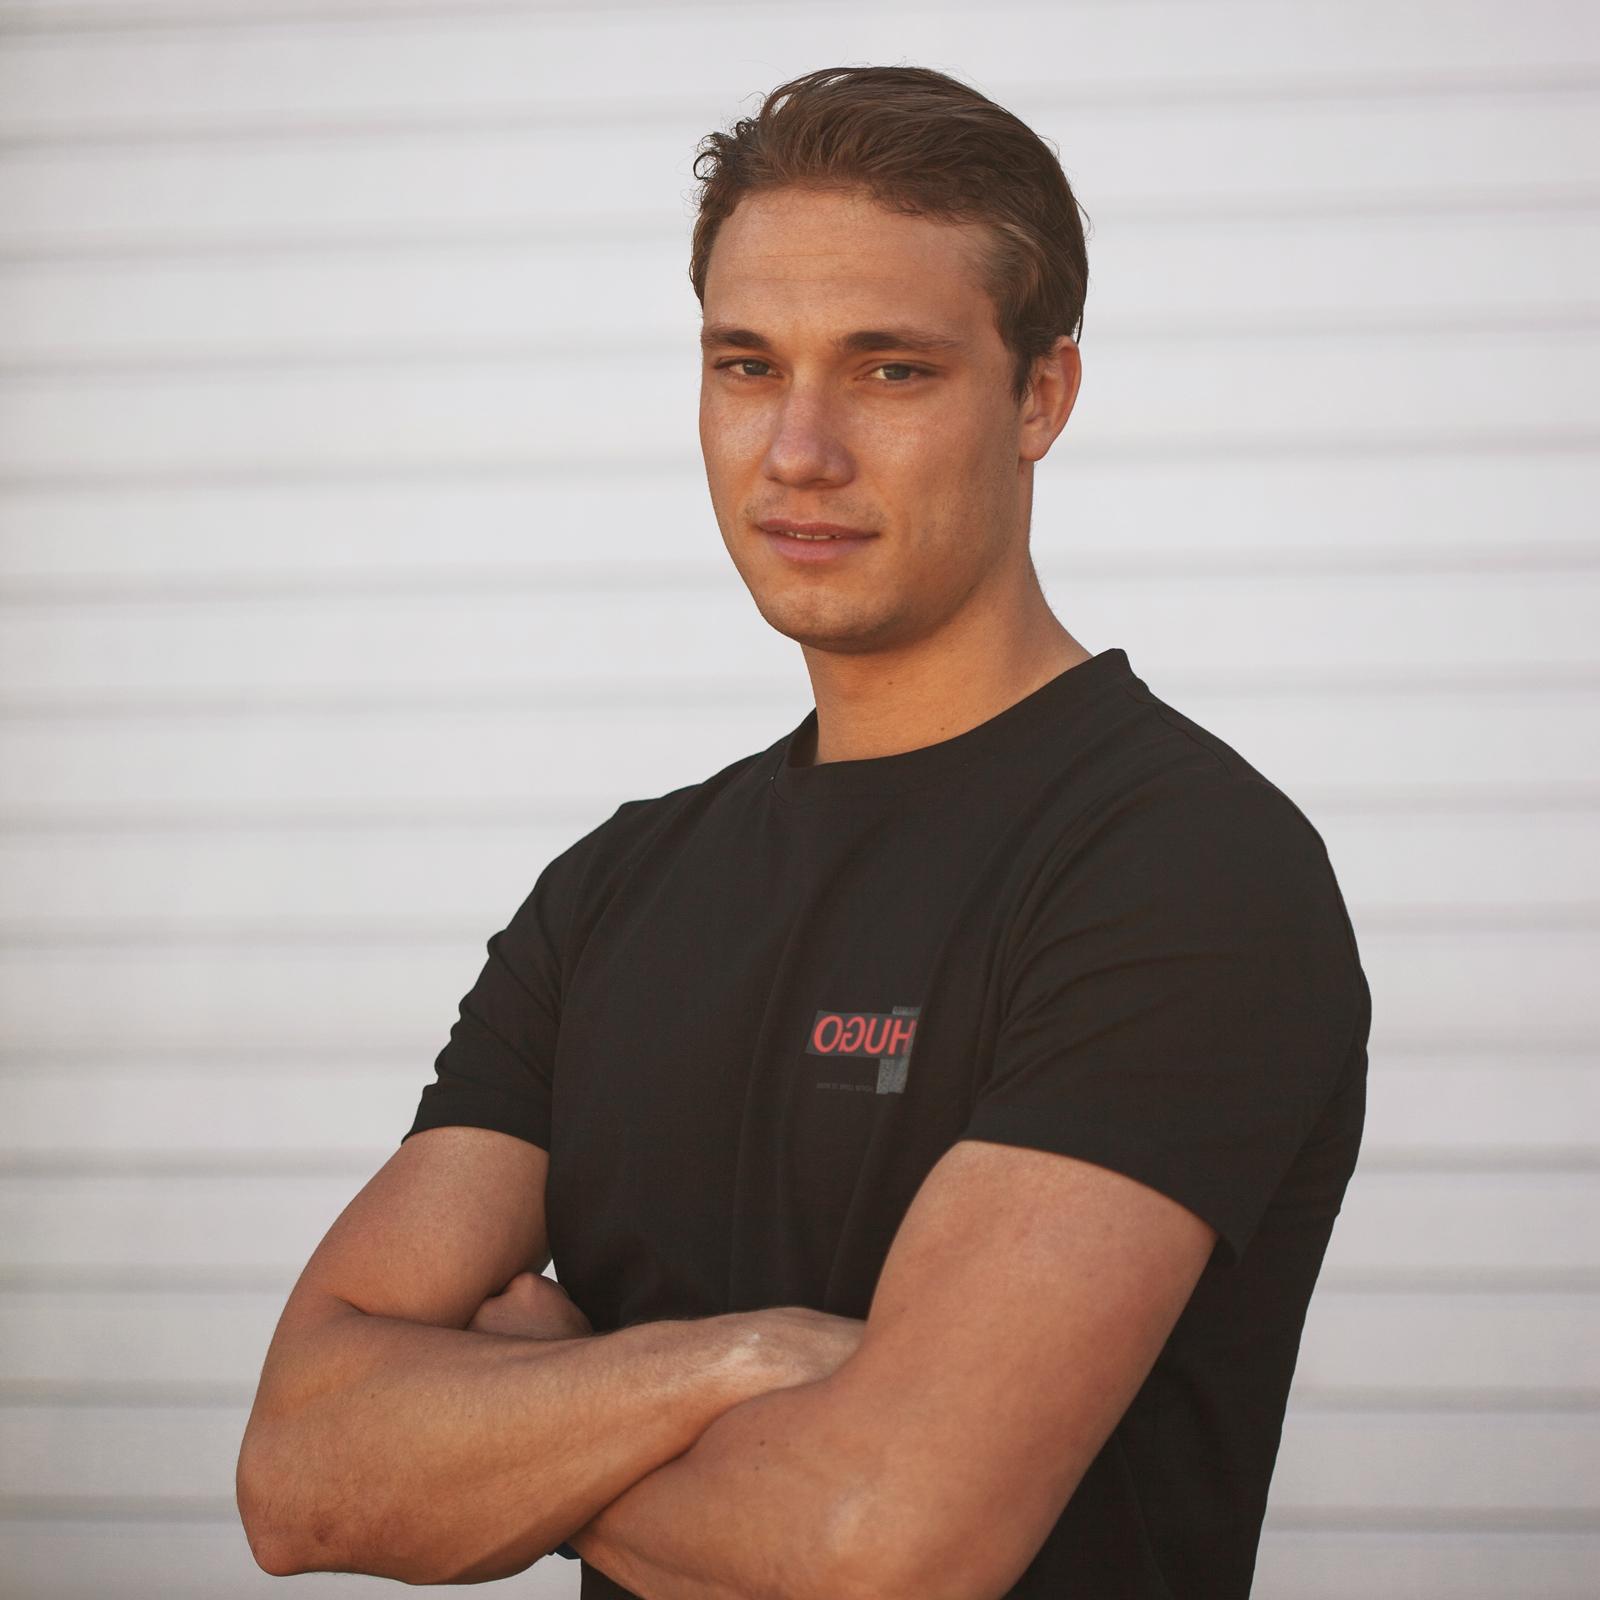 Thorsten Lentink